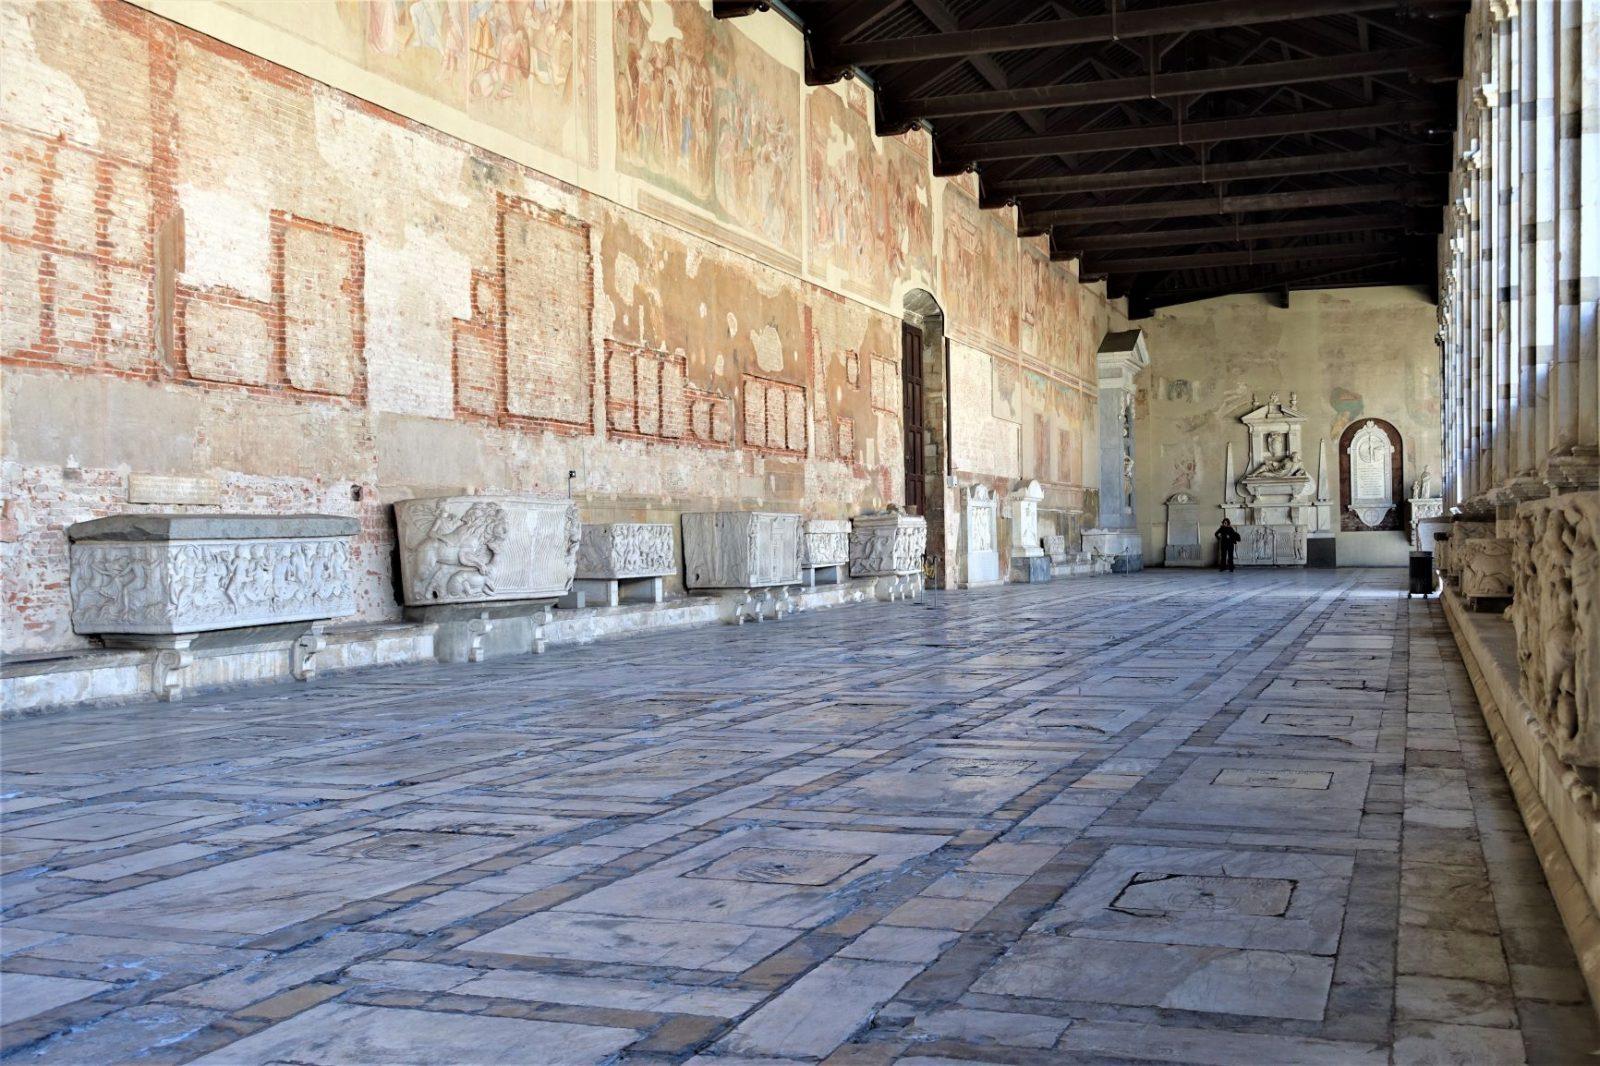 Katedralen i Pisa fresker på veggene